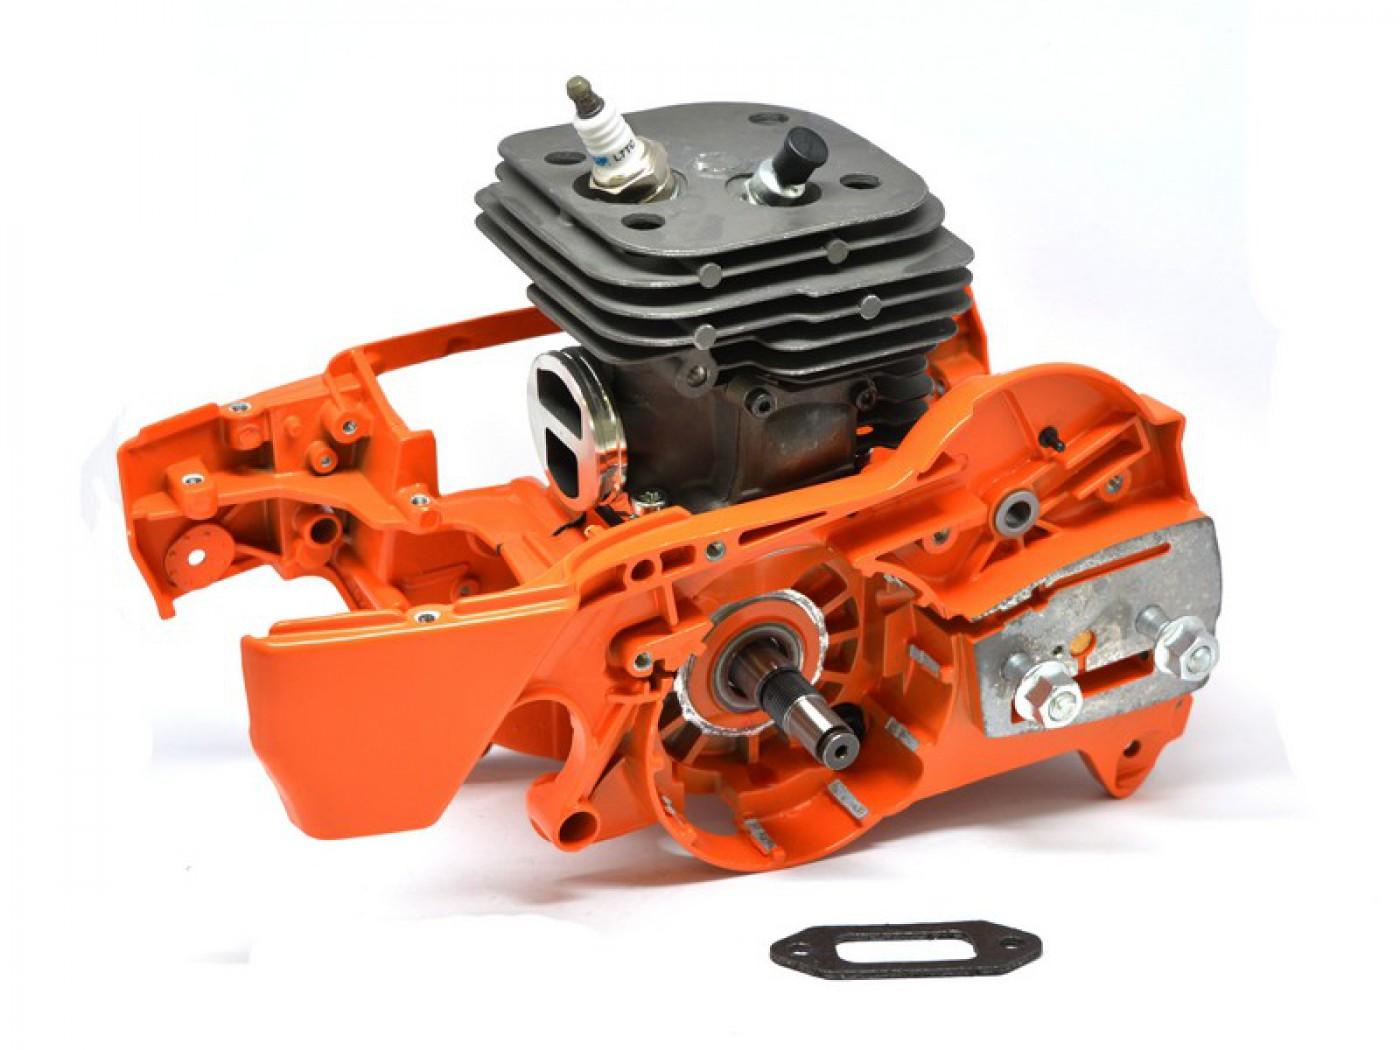 Kompletný motor Husqvarna 365 x-torq 372 xp x-torq